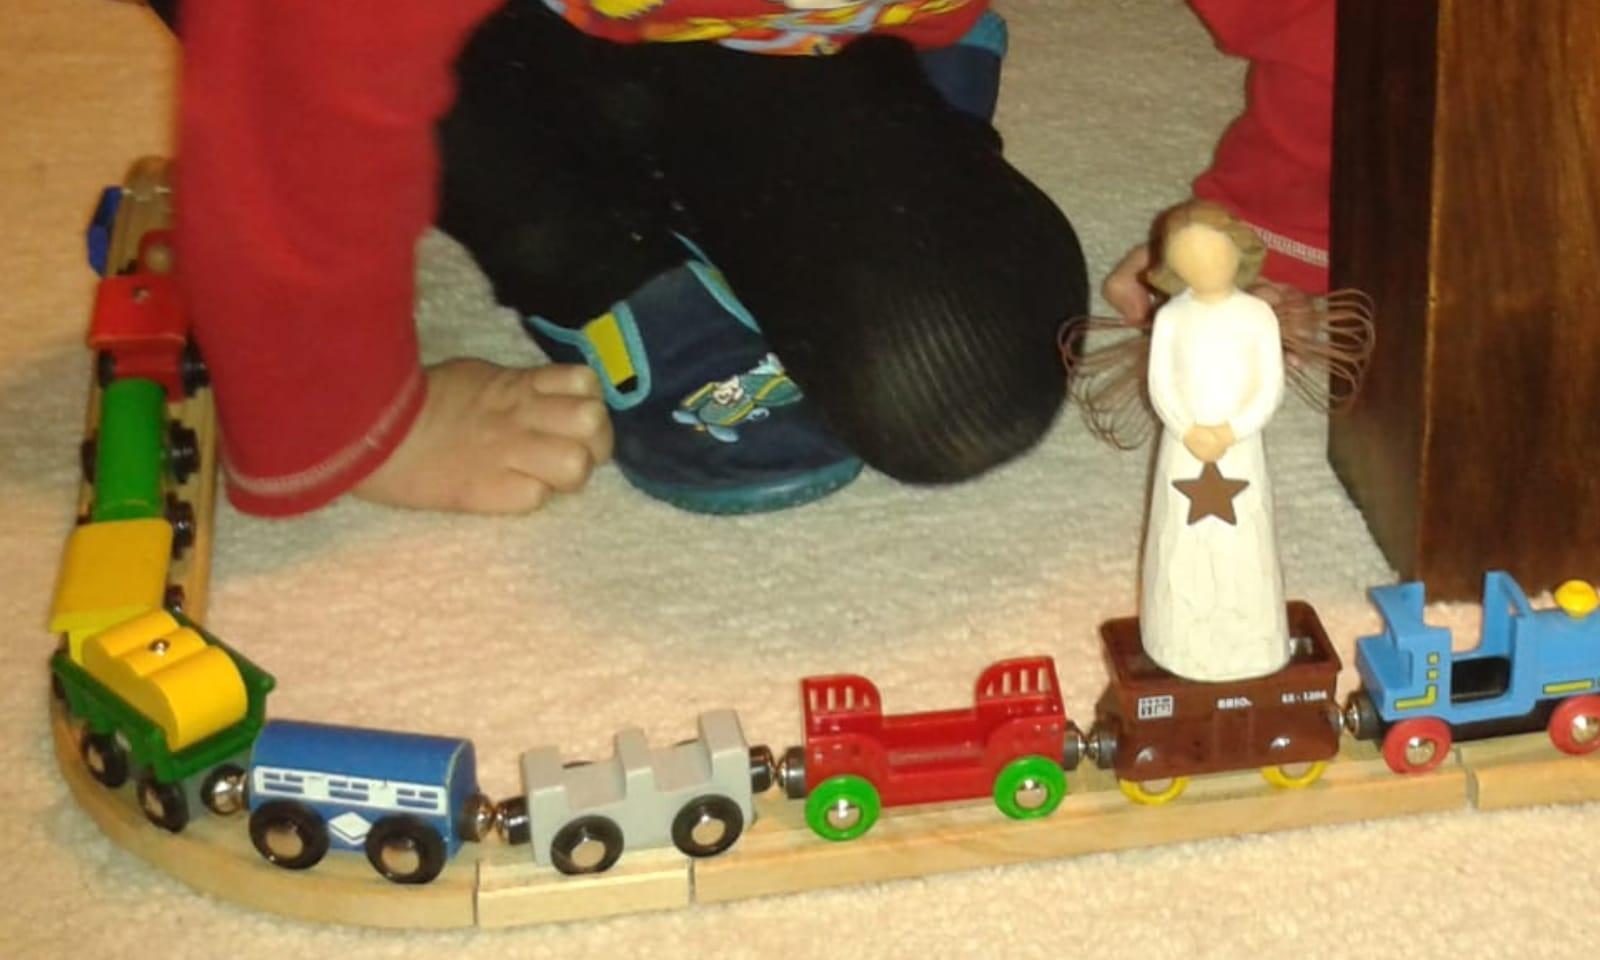 Danach ging es in die Stube, um dort unzählige Runden mit der Holzeisenbahn zu drehen.  War mal was anderes!